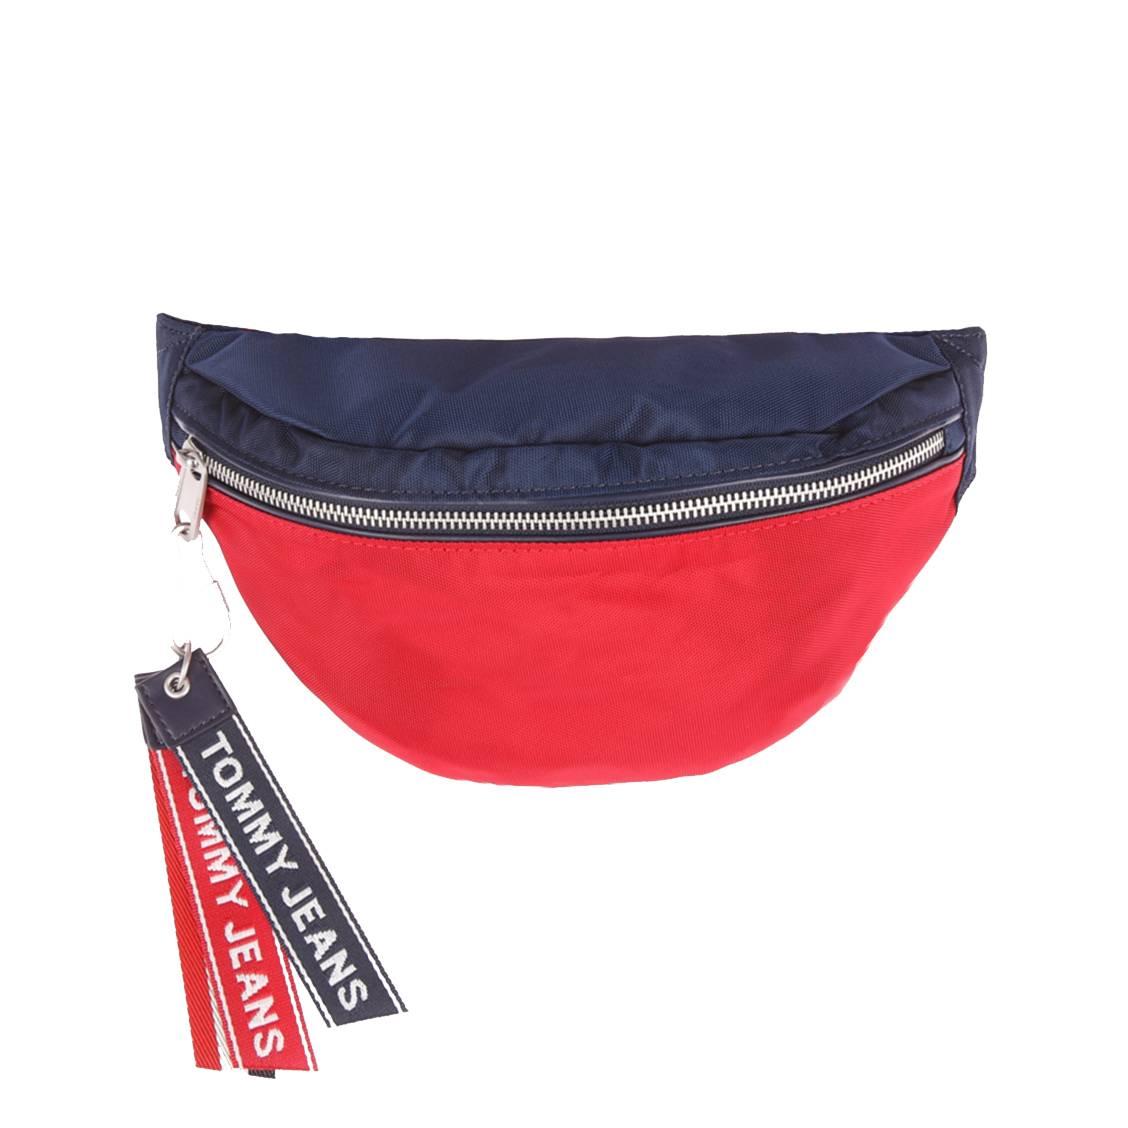 589c0a2b5f Sac banane Tommy Jeans Logo Tape rouge et bleu marine à bandoulière  logotypée ...